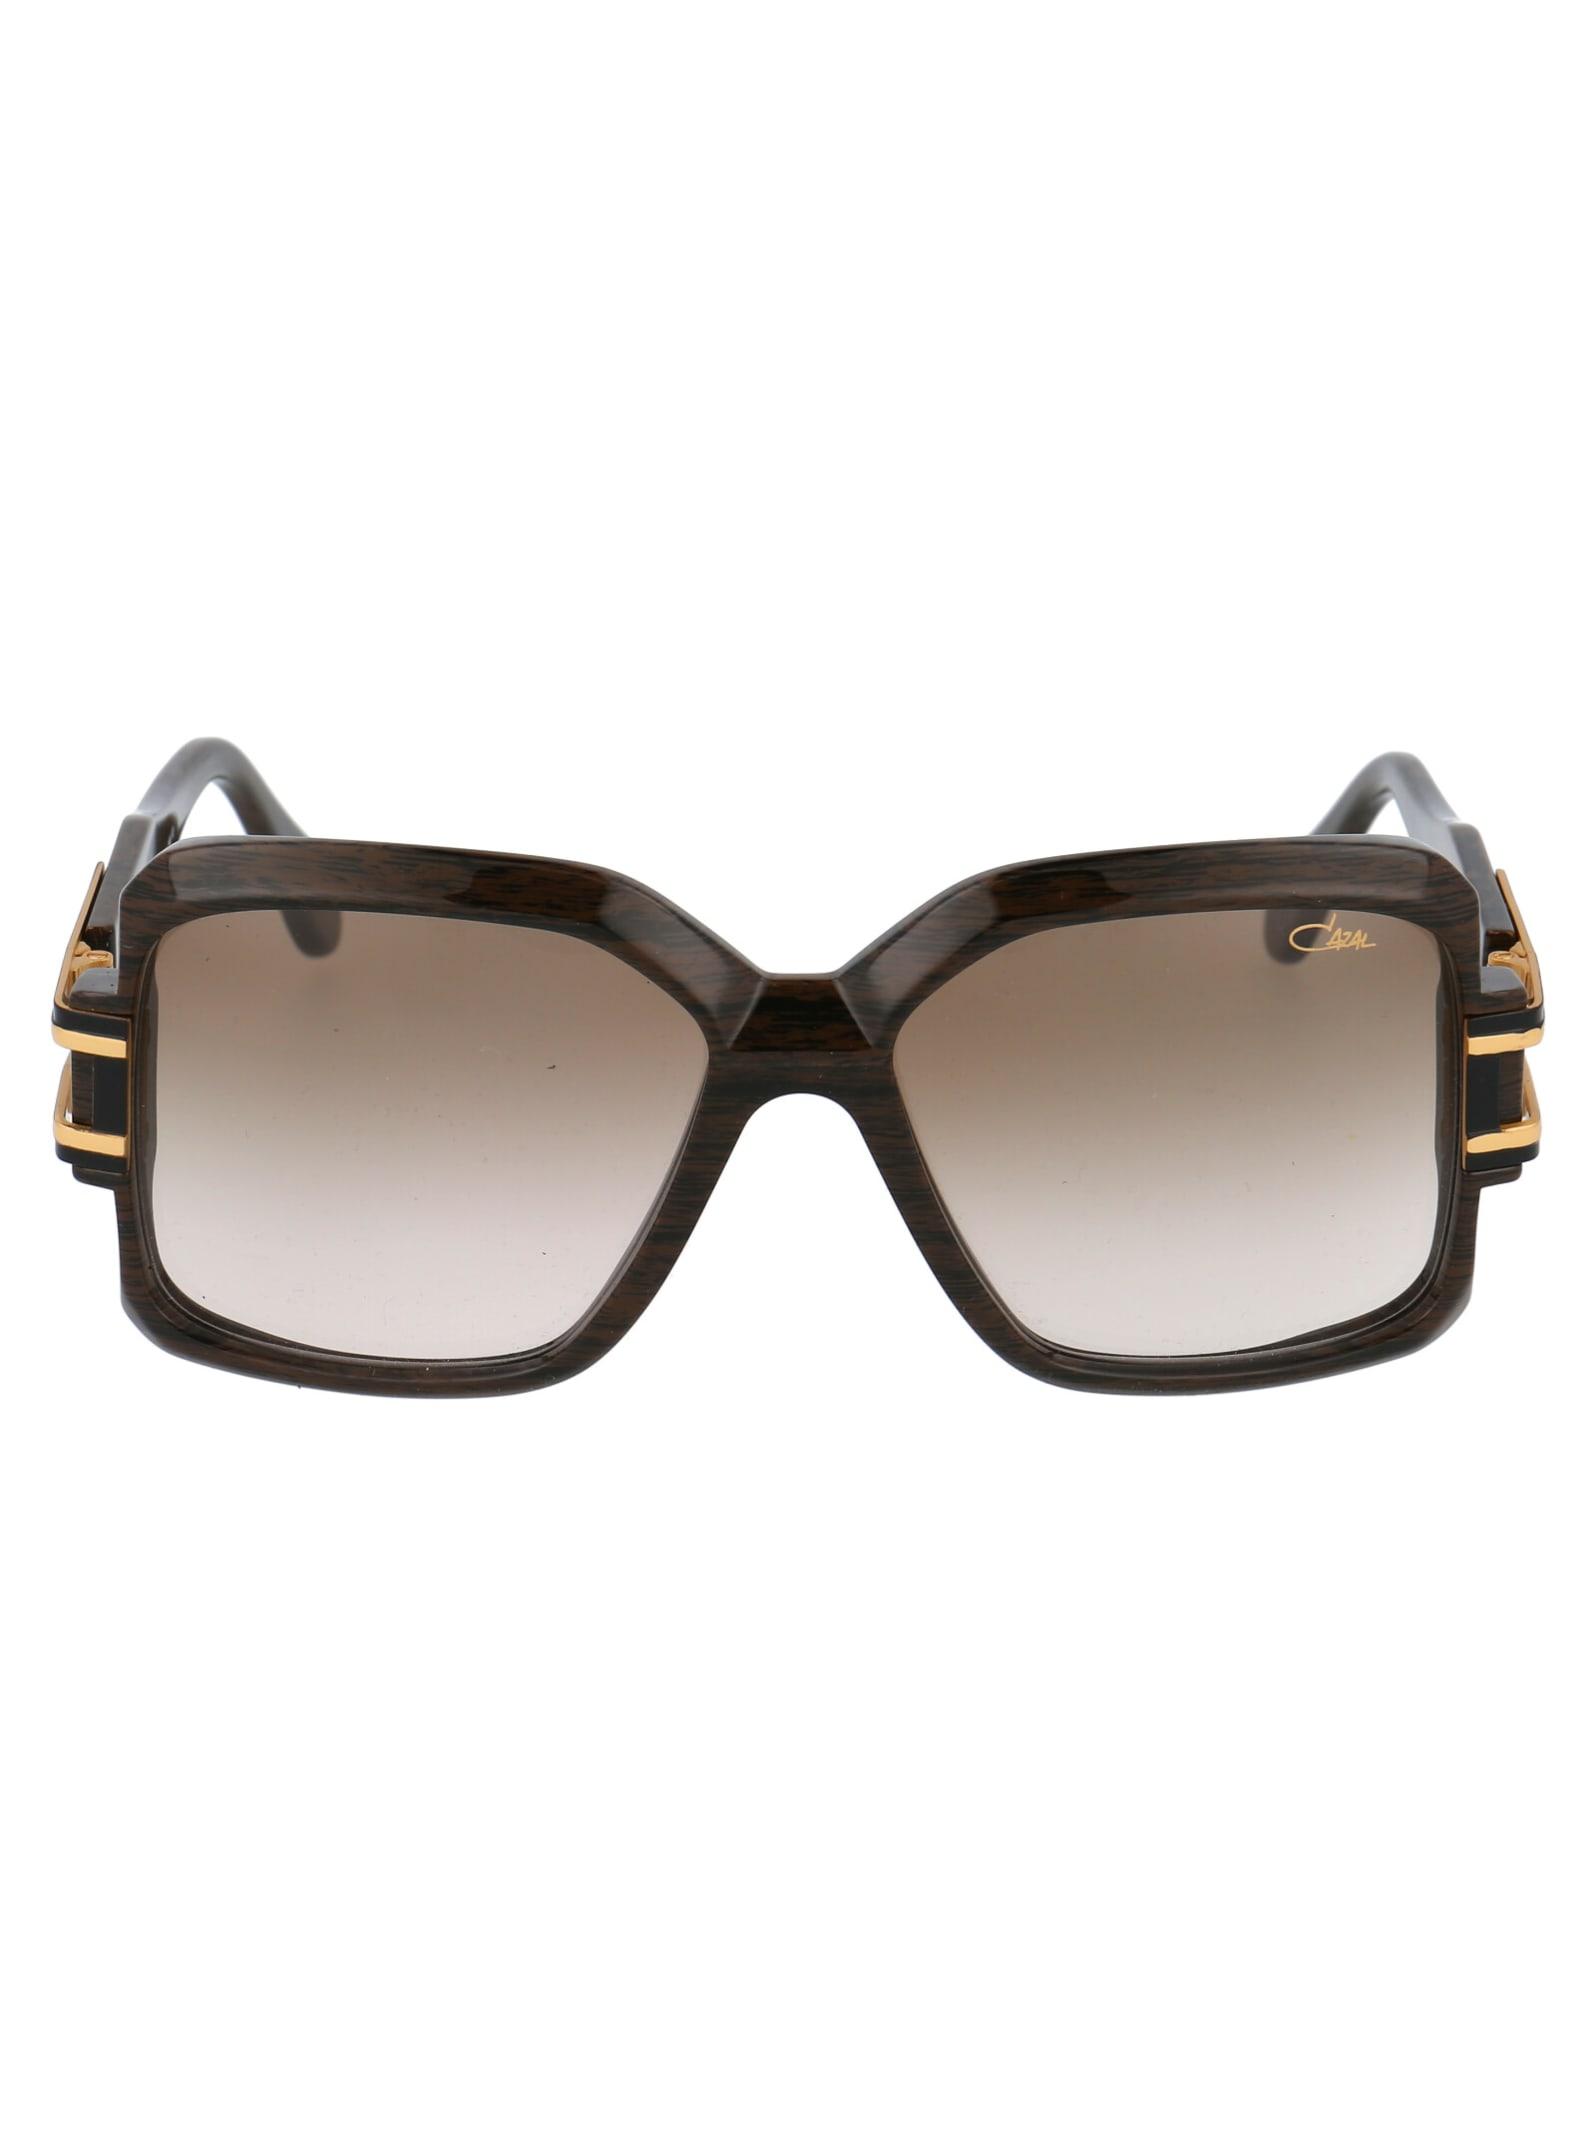 Mod. 623/3 Sunglasses